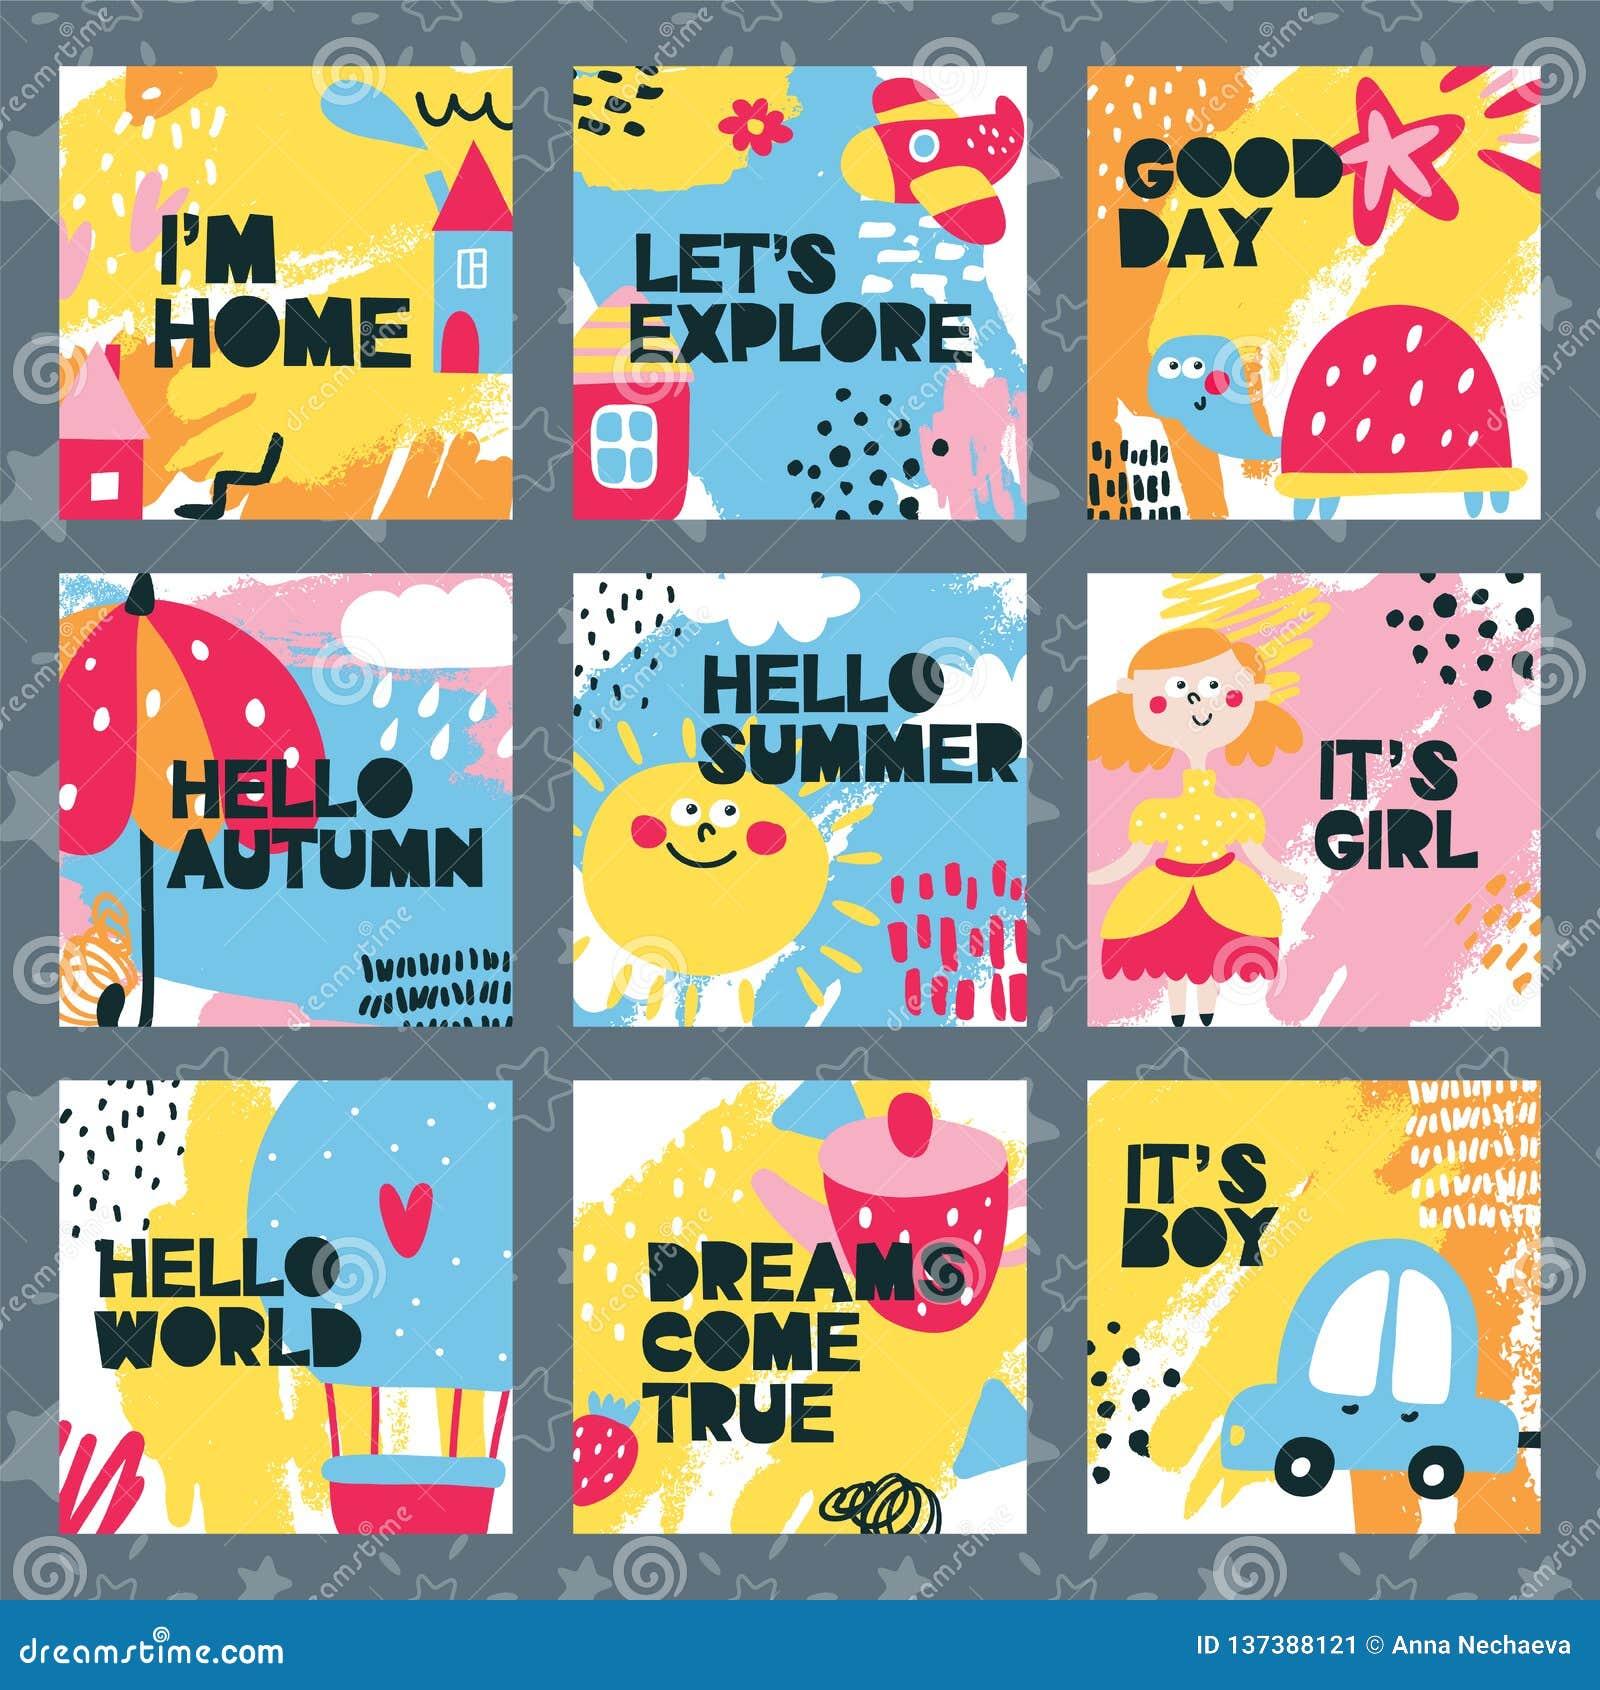 Σύνολο καρτών μωρών με το σπίτι, χρώμα, αυτοκίνητο, κορίτσι, αγόρι, κόσμος, ομπρέλα, χελώνα, θερινό ballon, χαριτωμένο, παιδί